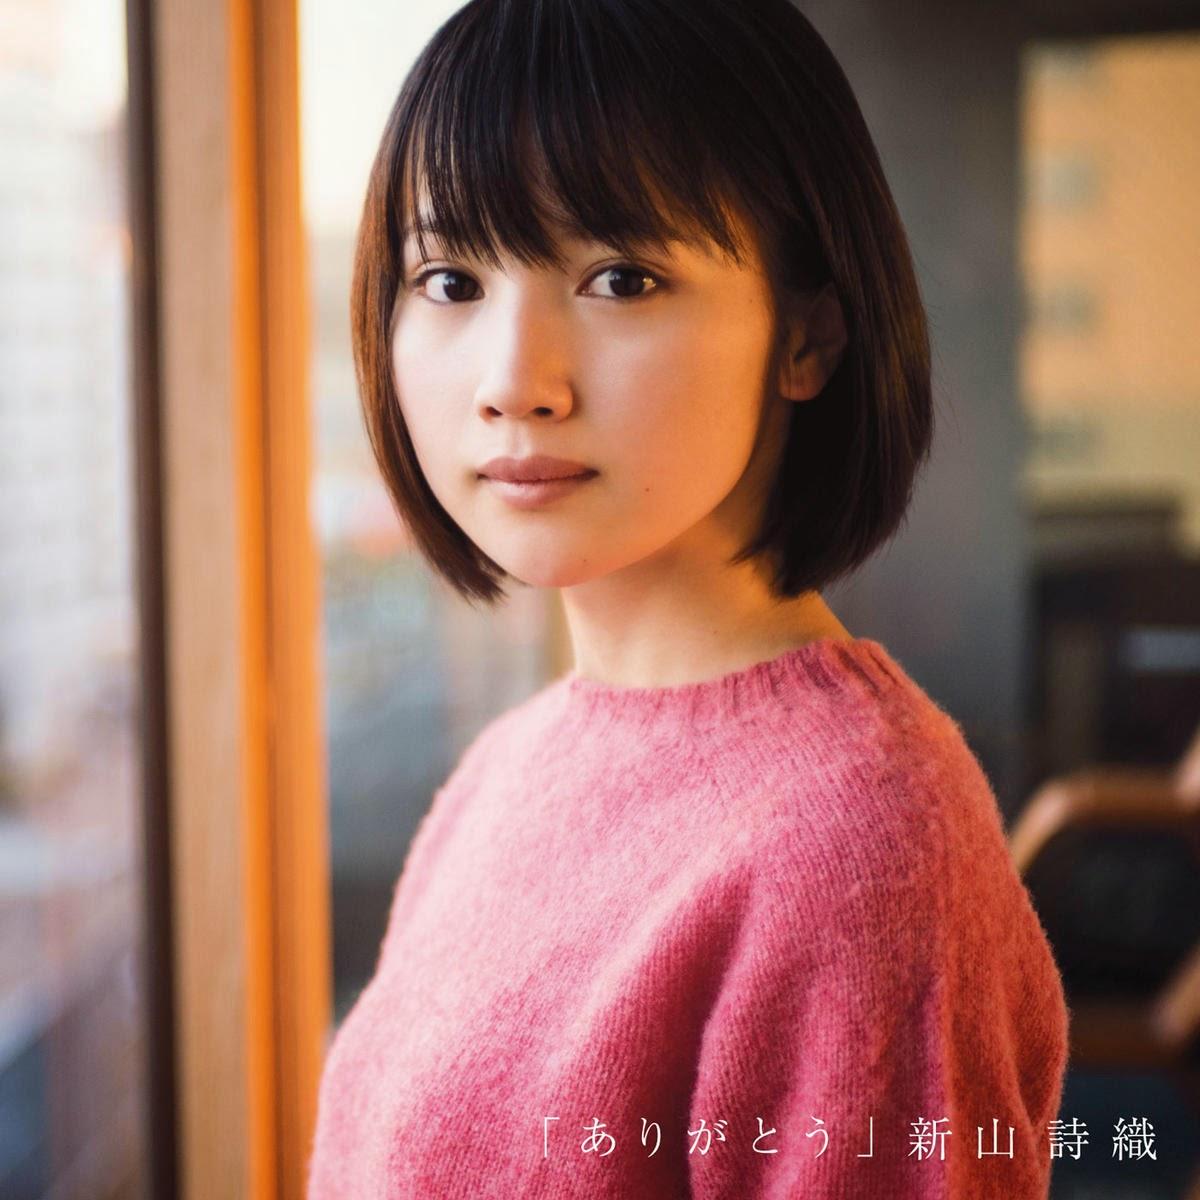 Nozomi Momoi nude photos 2019